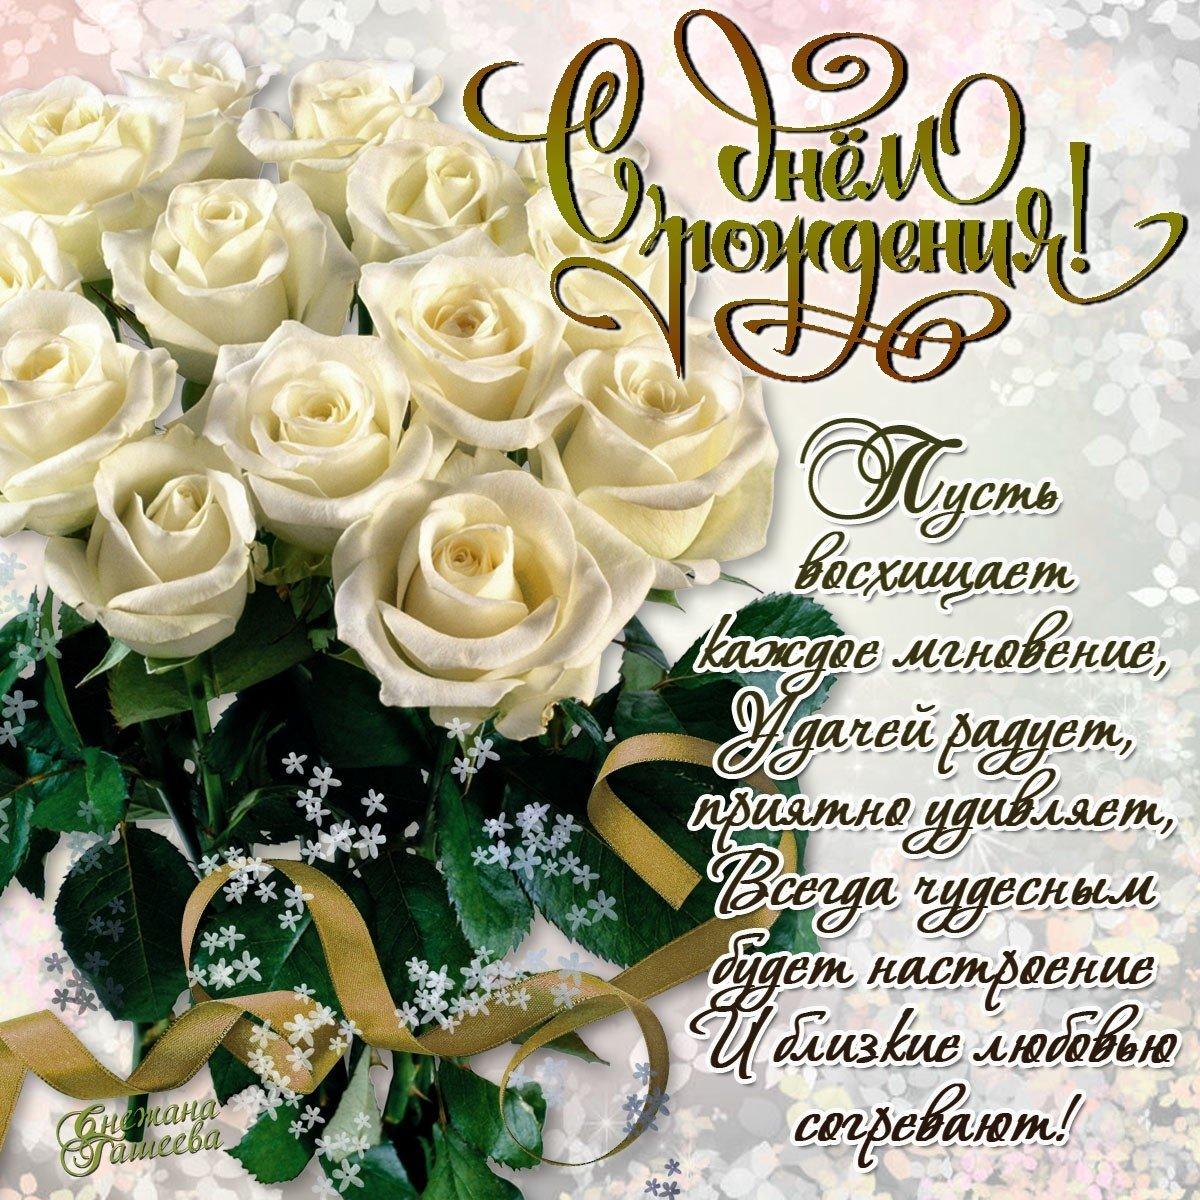 Поздравление с днем рождения женщине в стихах красивые